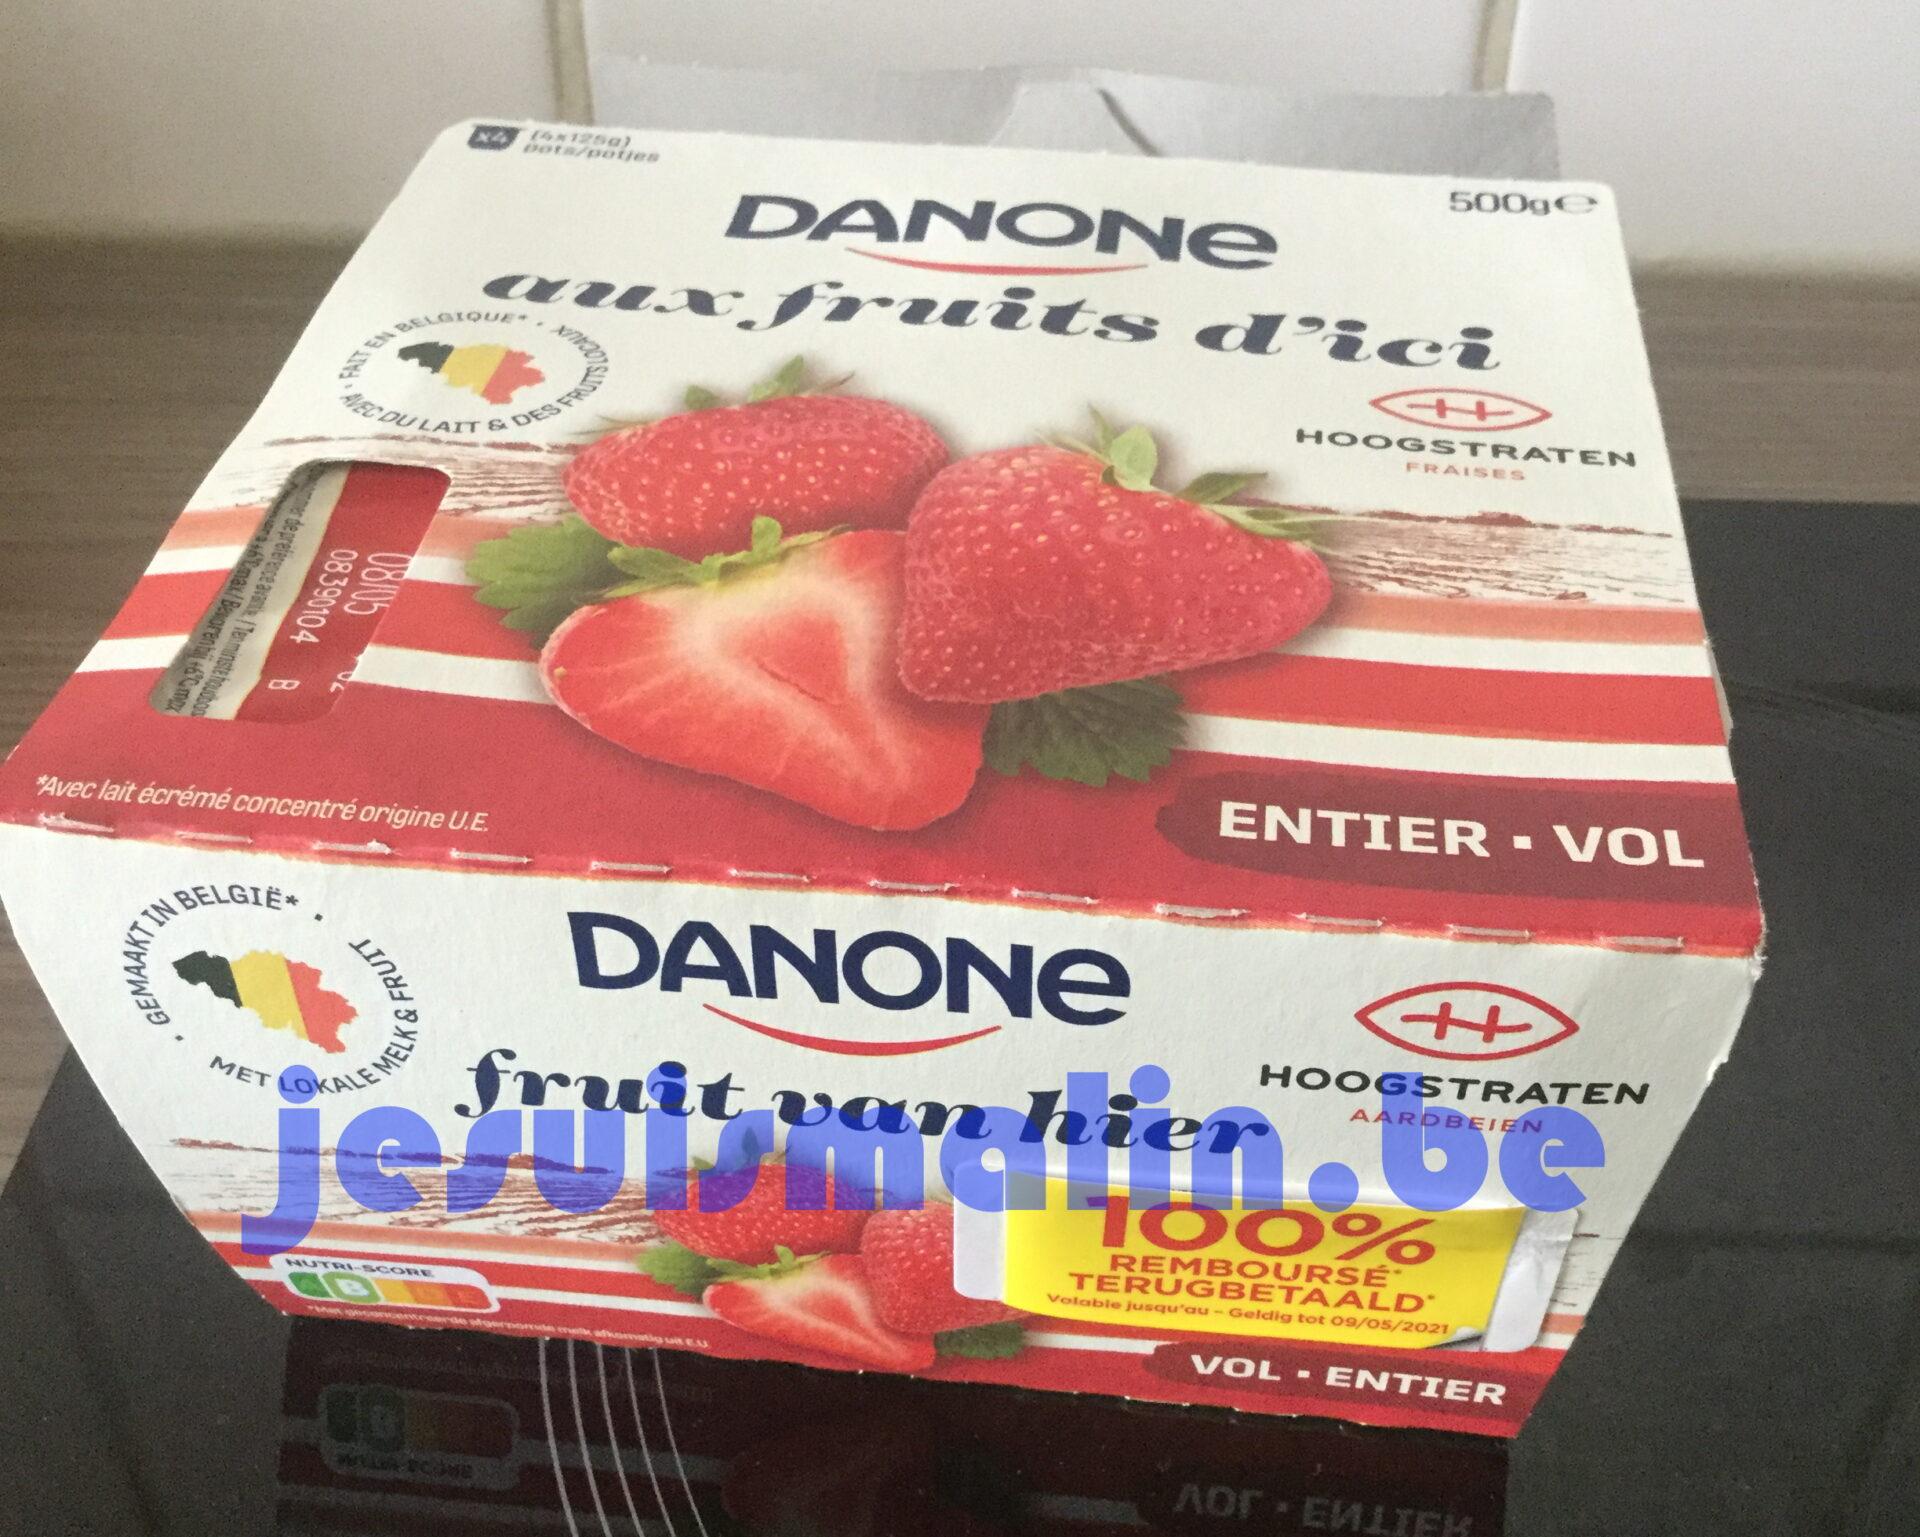 Yaourt Danone aux fruits d'ici 100% remboursé